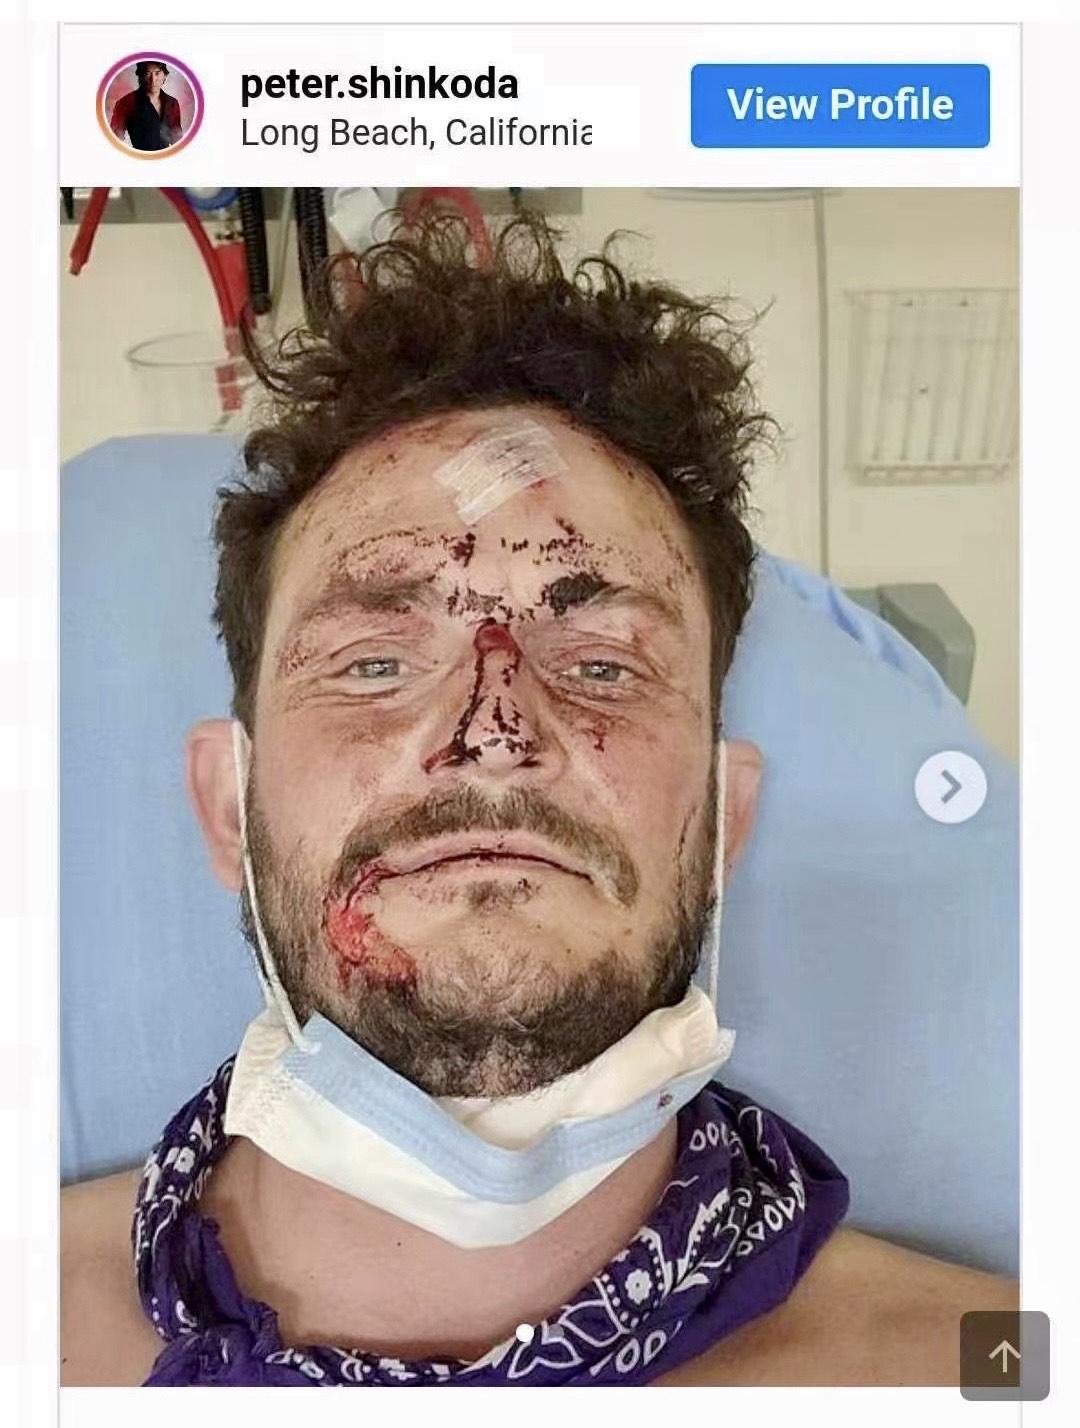 受傷接受治療的Brant Carnwath。彼得新田的Instagram截屏